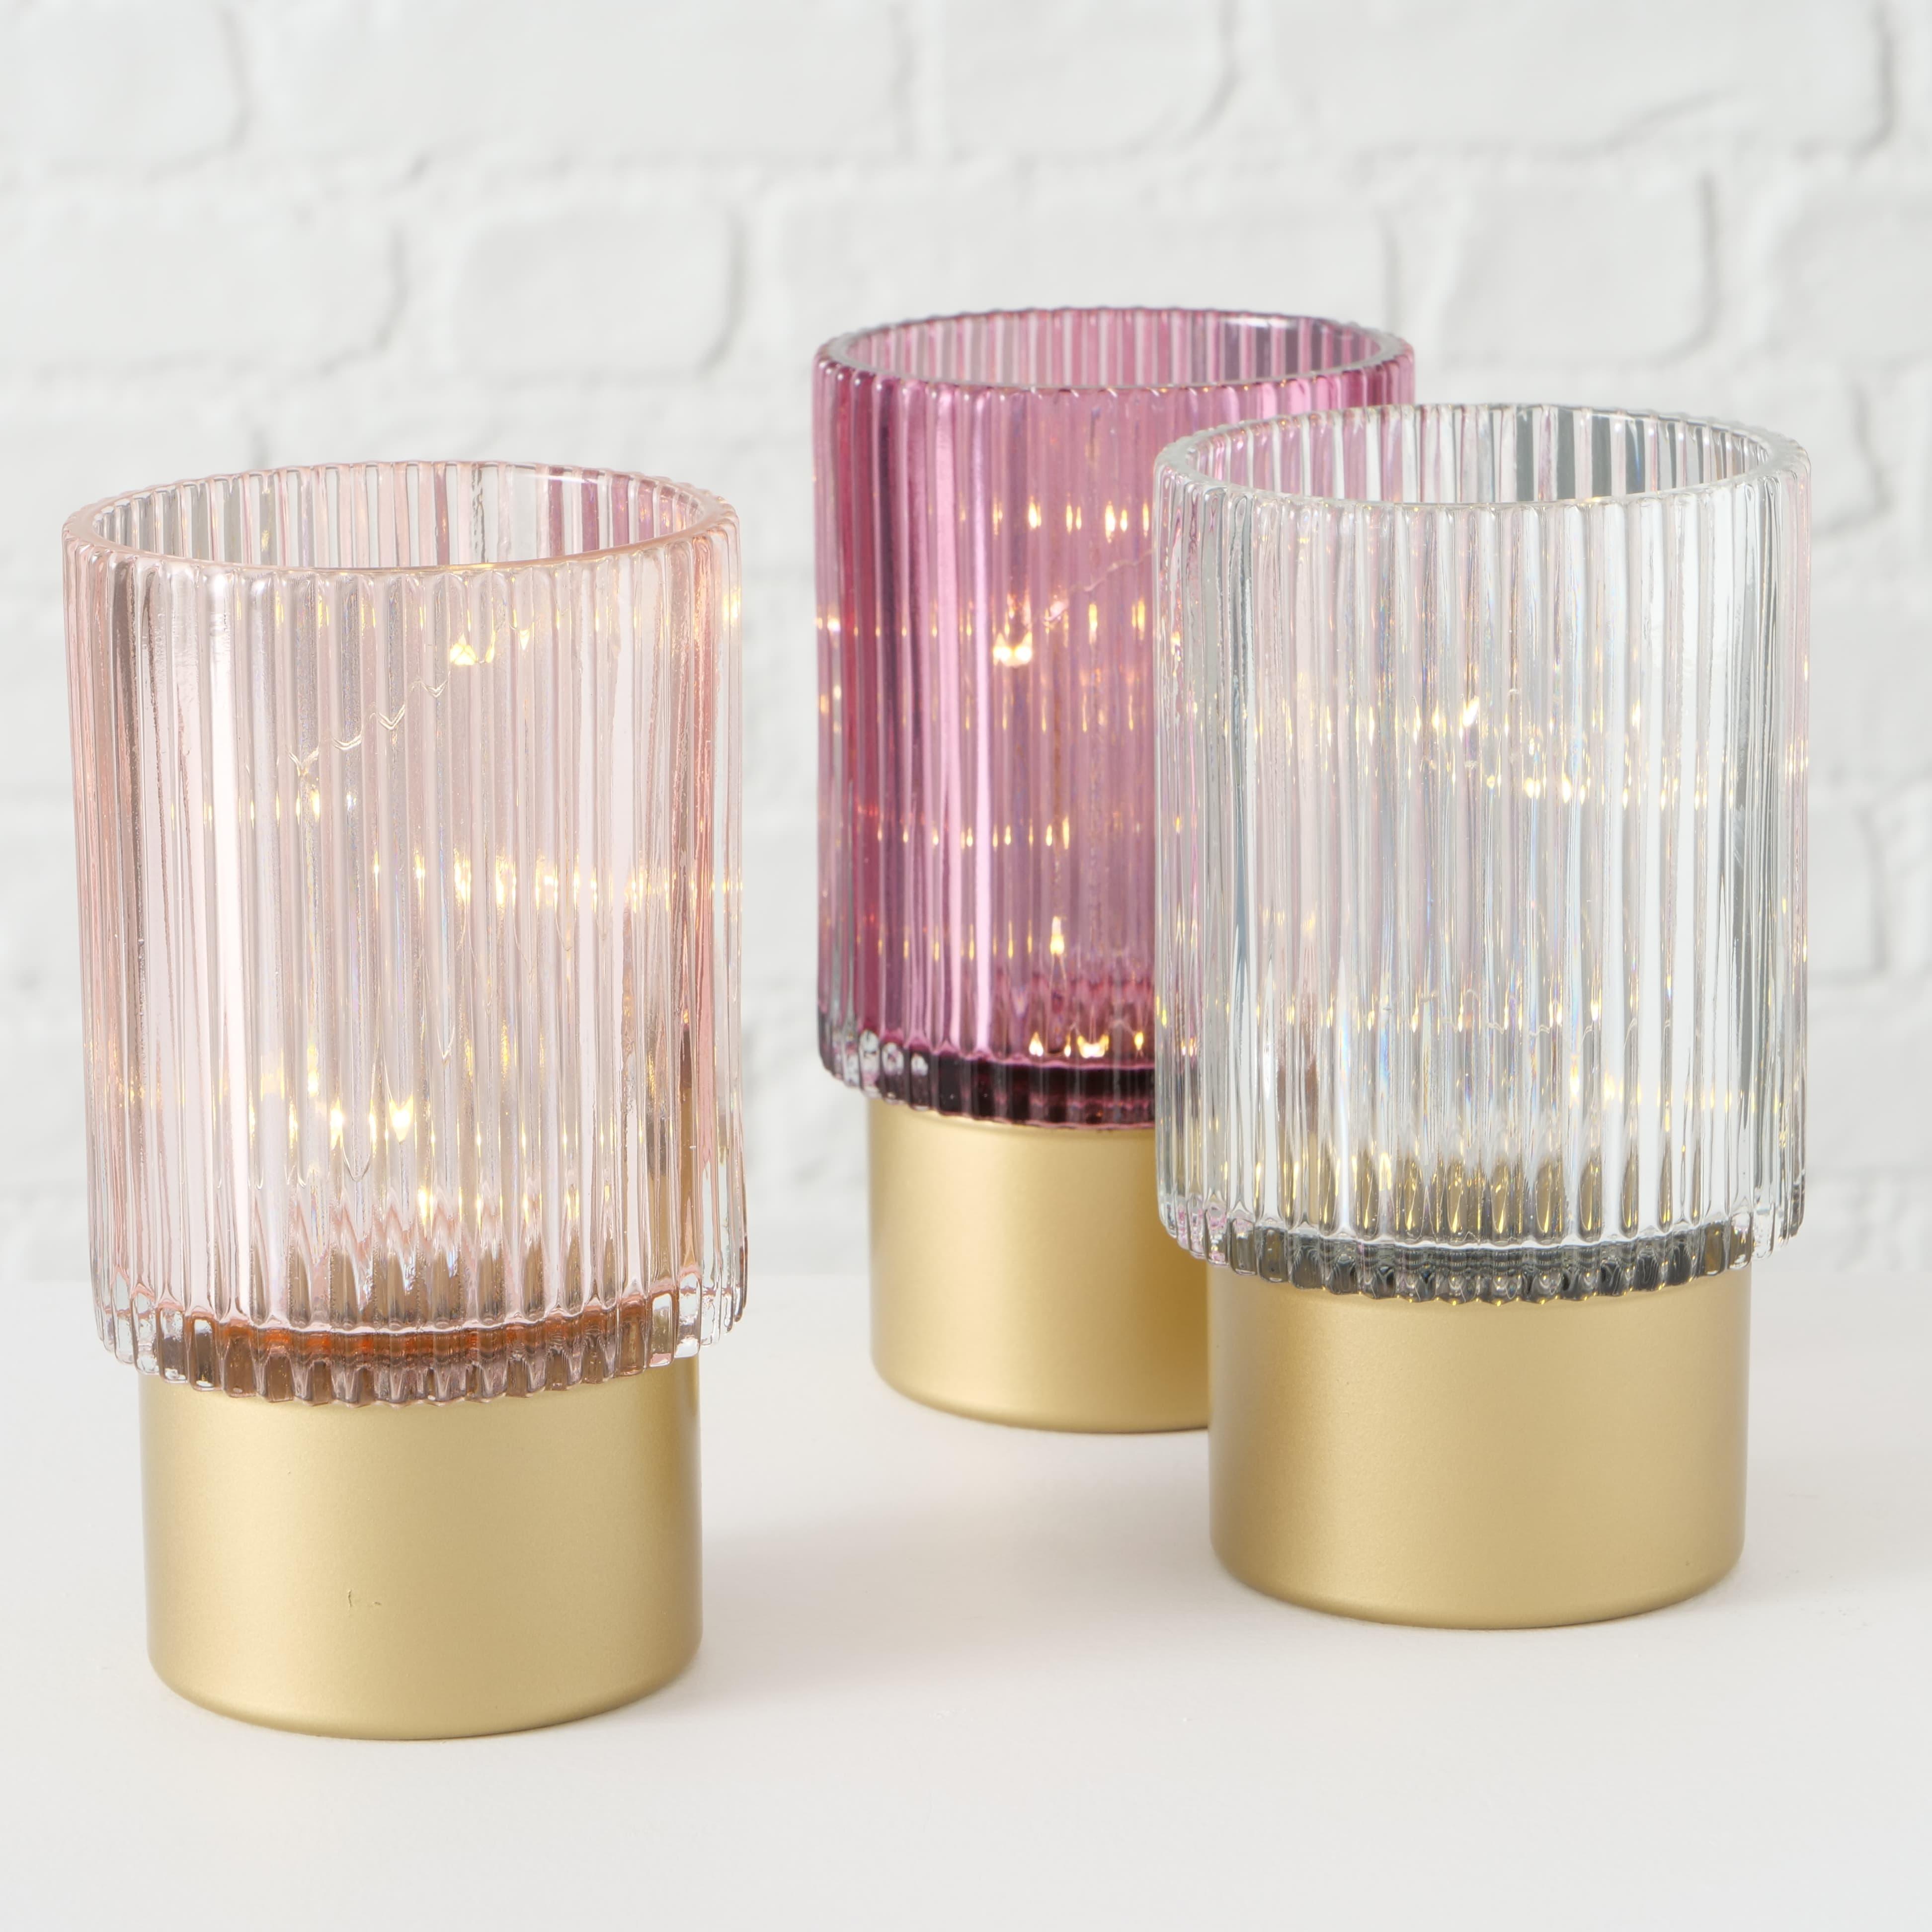 Decoratiune cu LED din sticla Apia Roz / Alb, Modele Asortate, Ø9xH15 cm poza